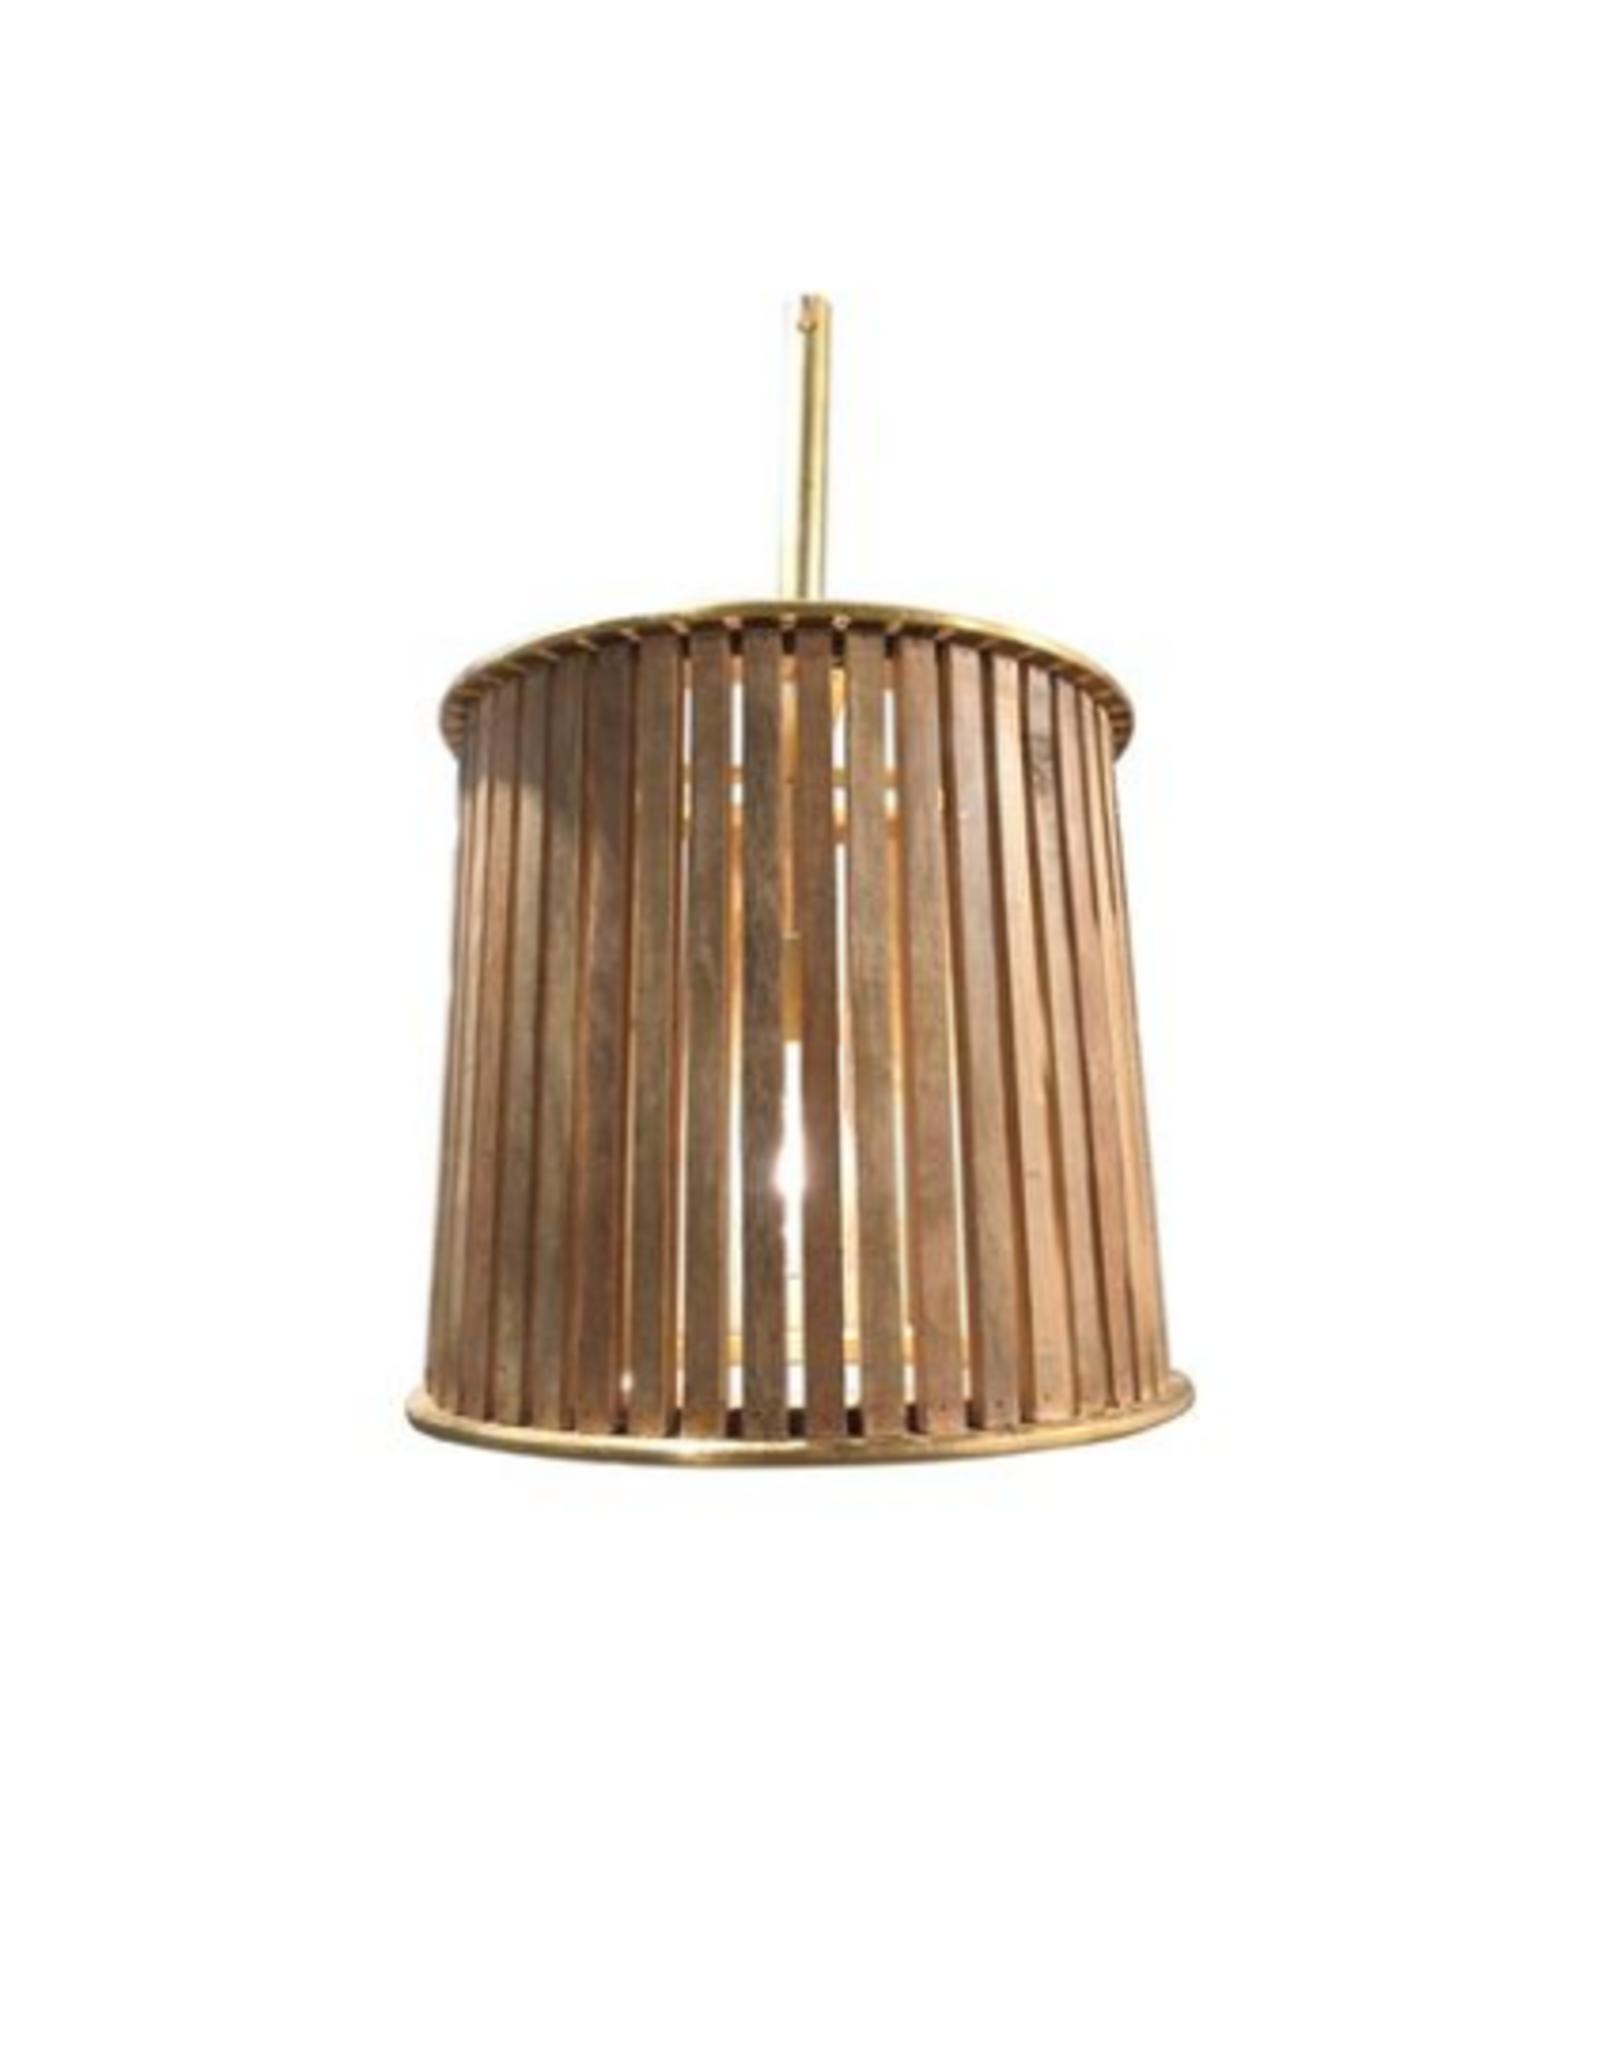 LAMP PENDANT WOOD + METAL BARREL SMALL